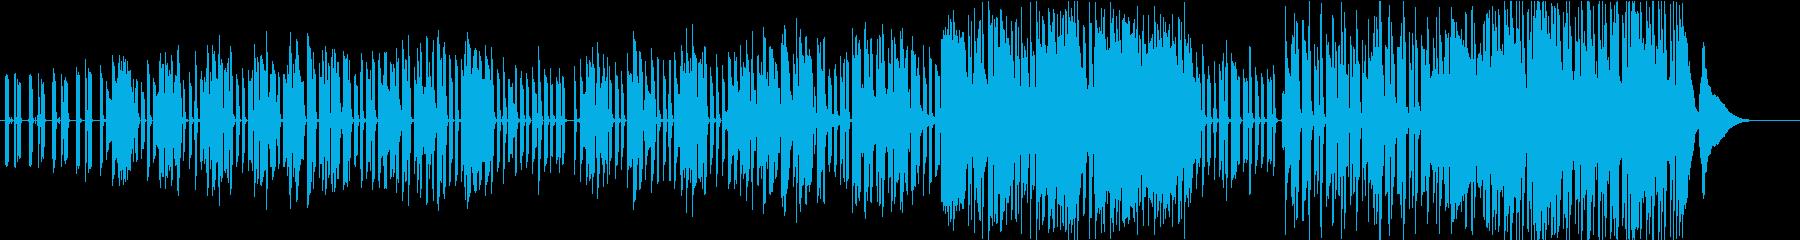 子午線の再生済みの波形